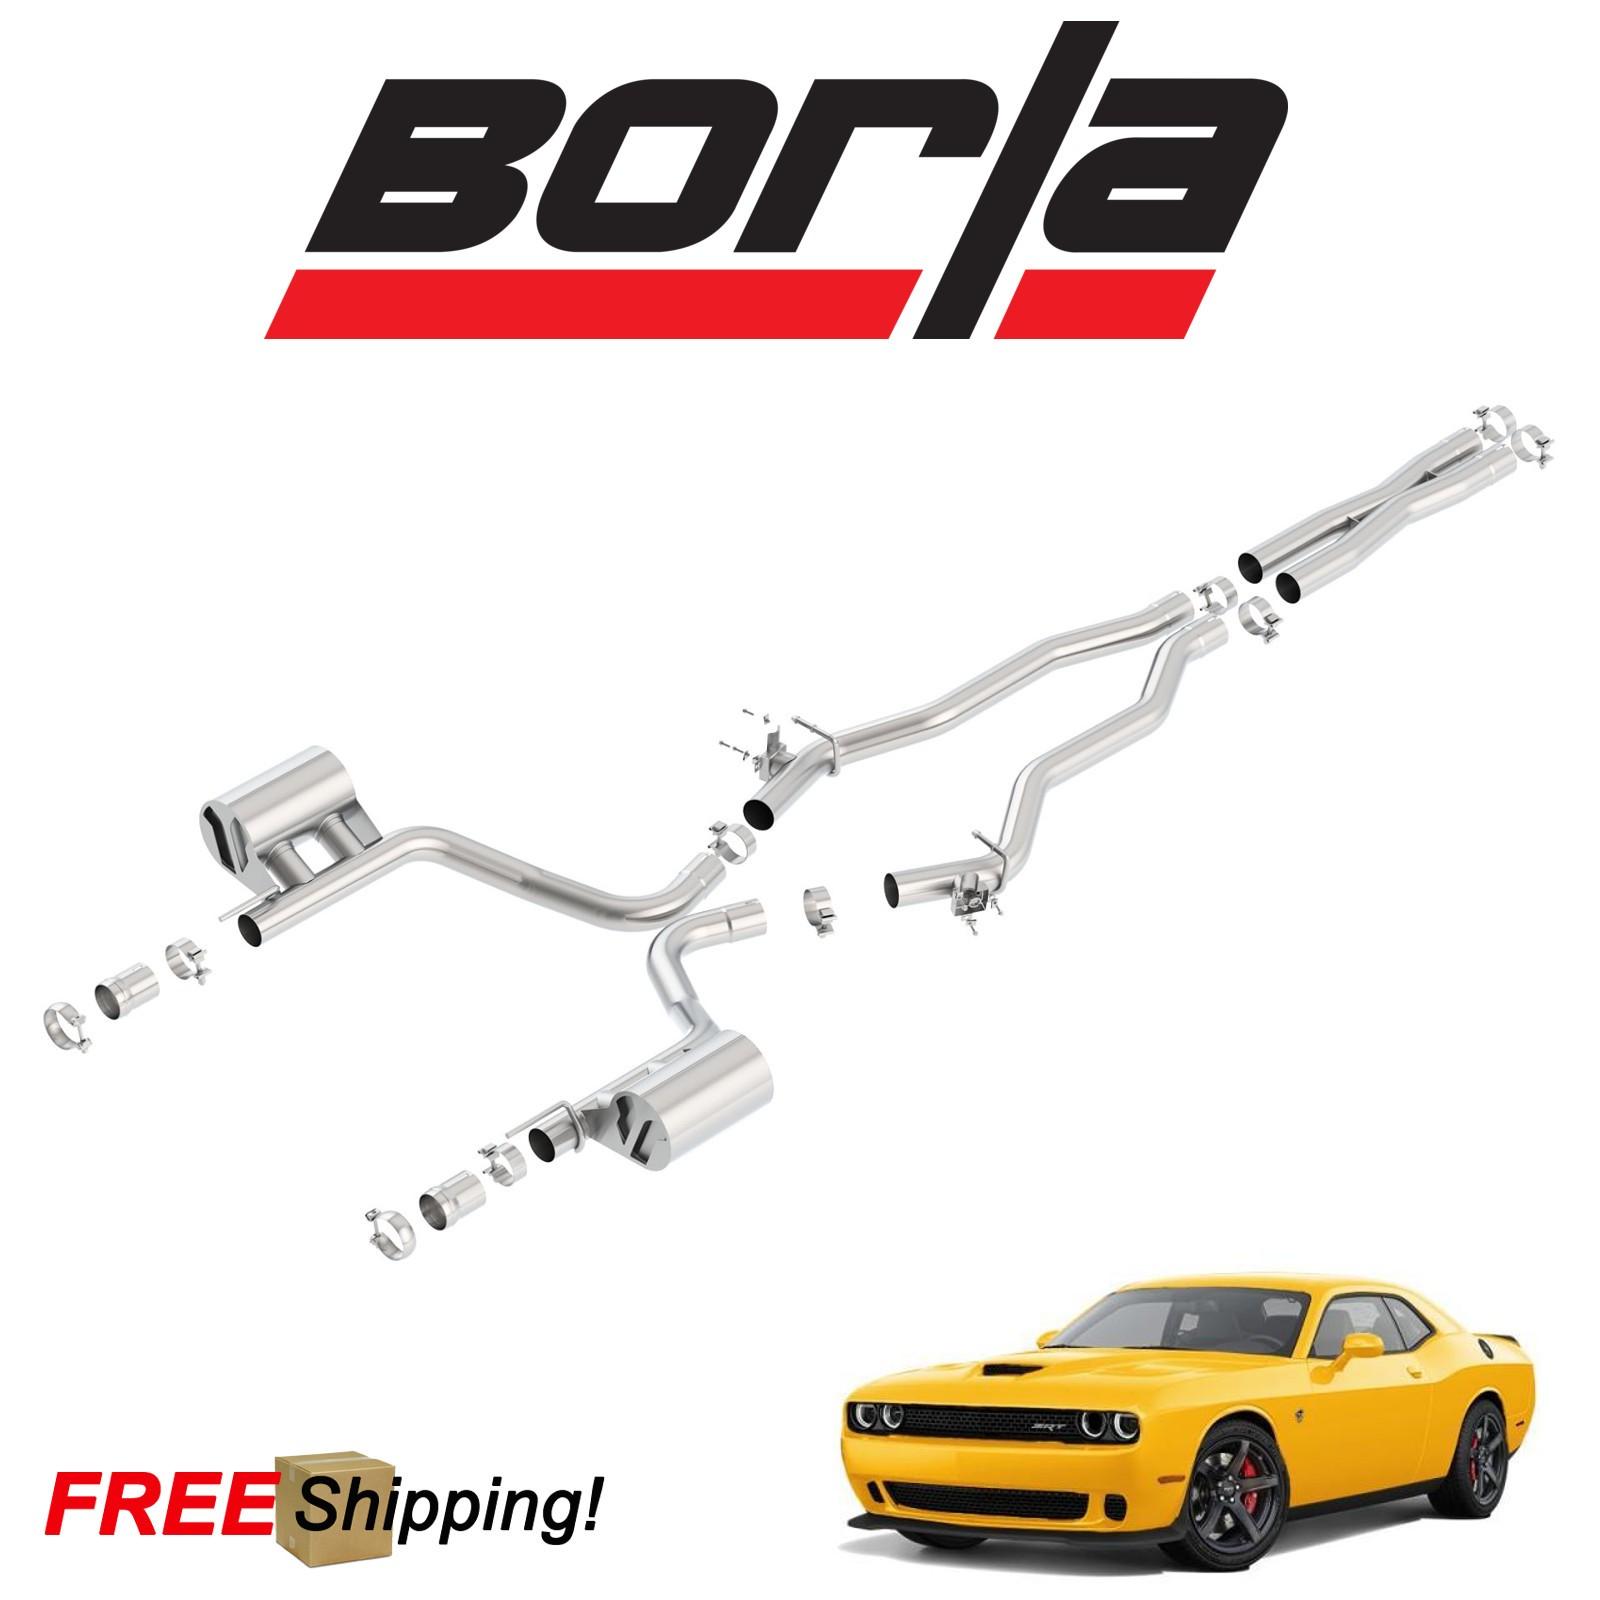 details about borla atak cat back performance dual exhaust 2015 2018 challenger srt 6 4l v8